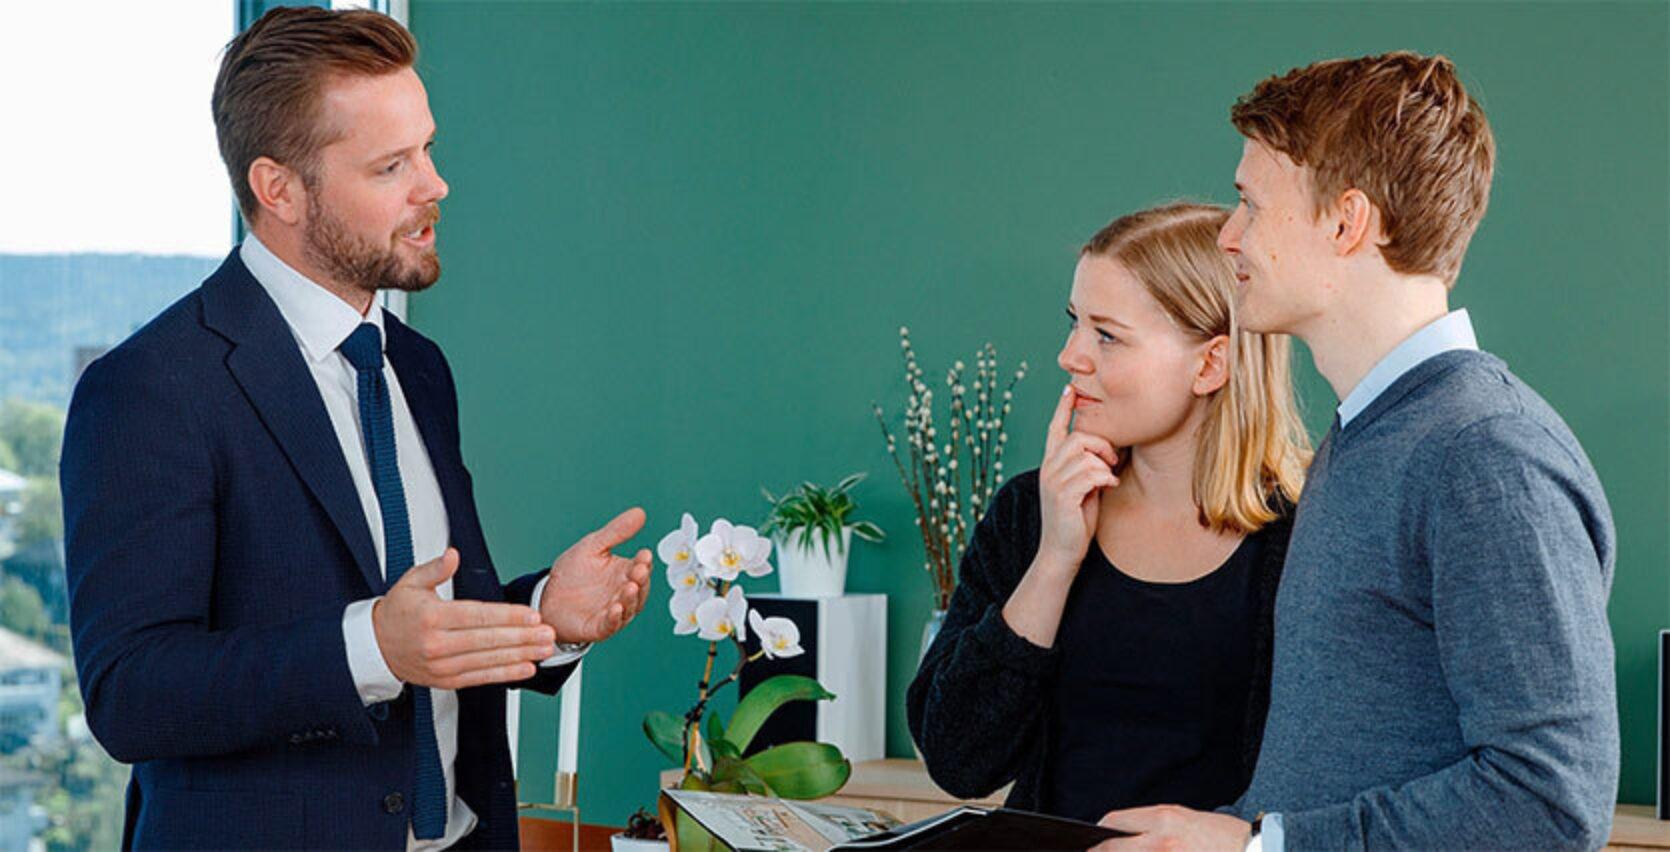 Mann i dress står og prater til to kunder inne i en grønn stue